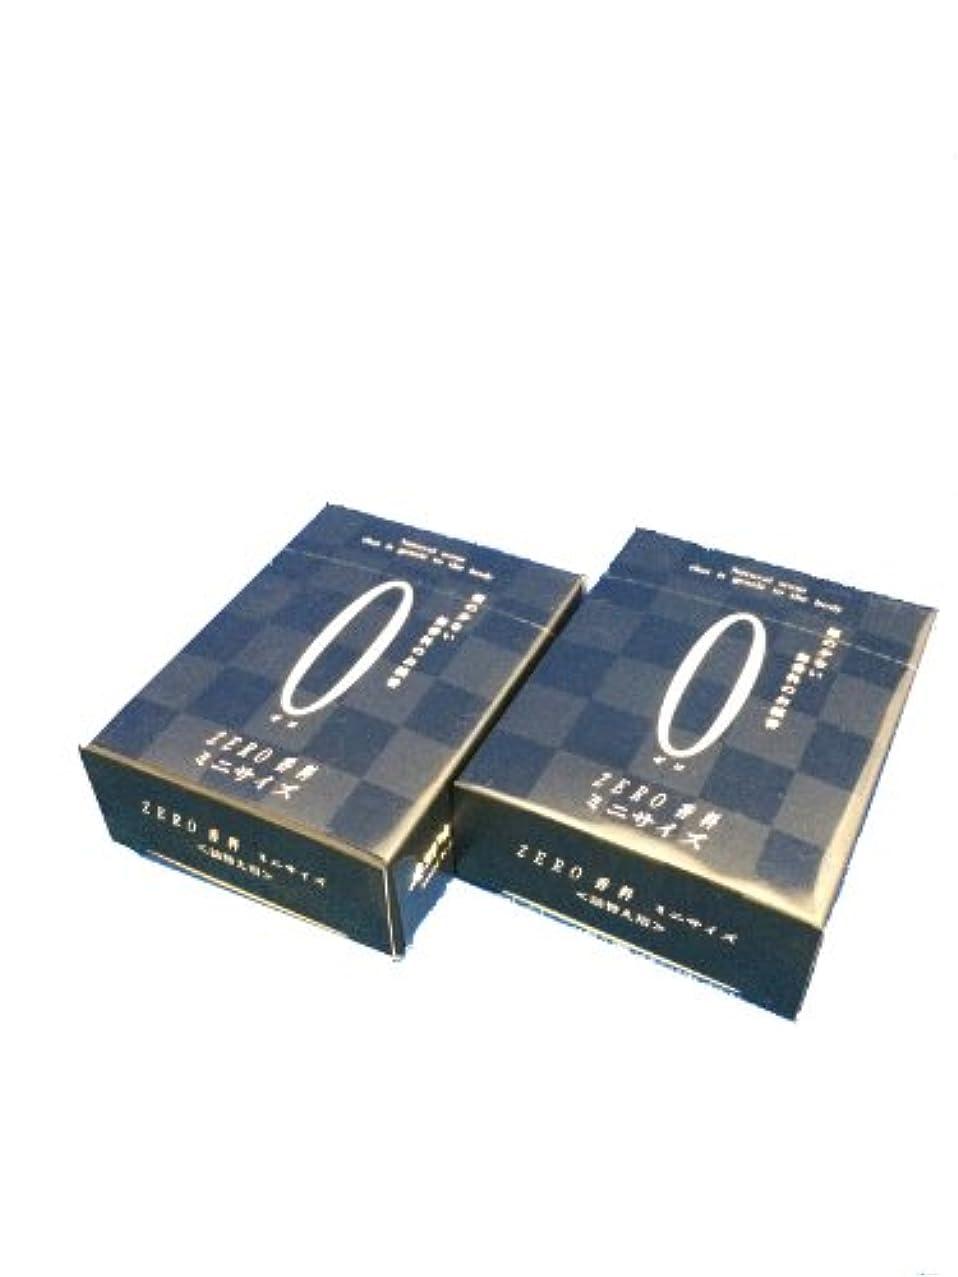 主人肥沃な時々ZERO ゼロ香料 詰め替え用 2個セット ミニ寸 サイズ 約60g